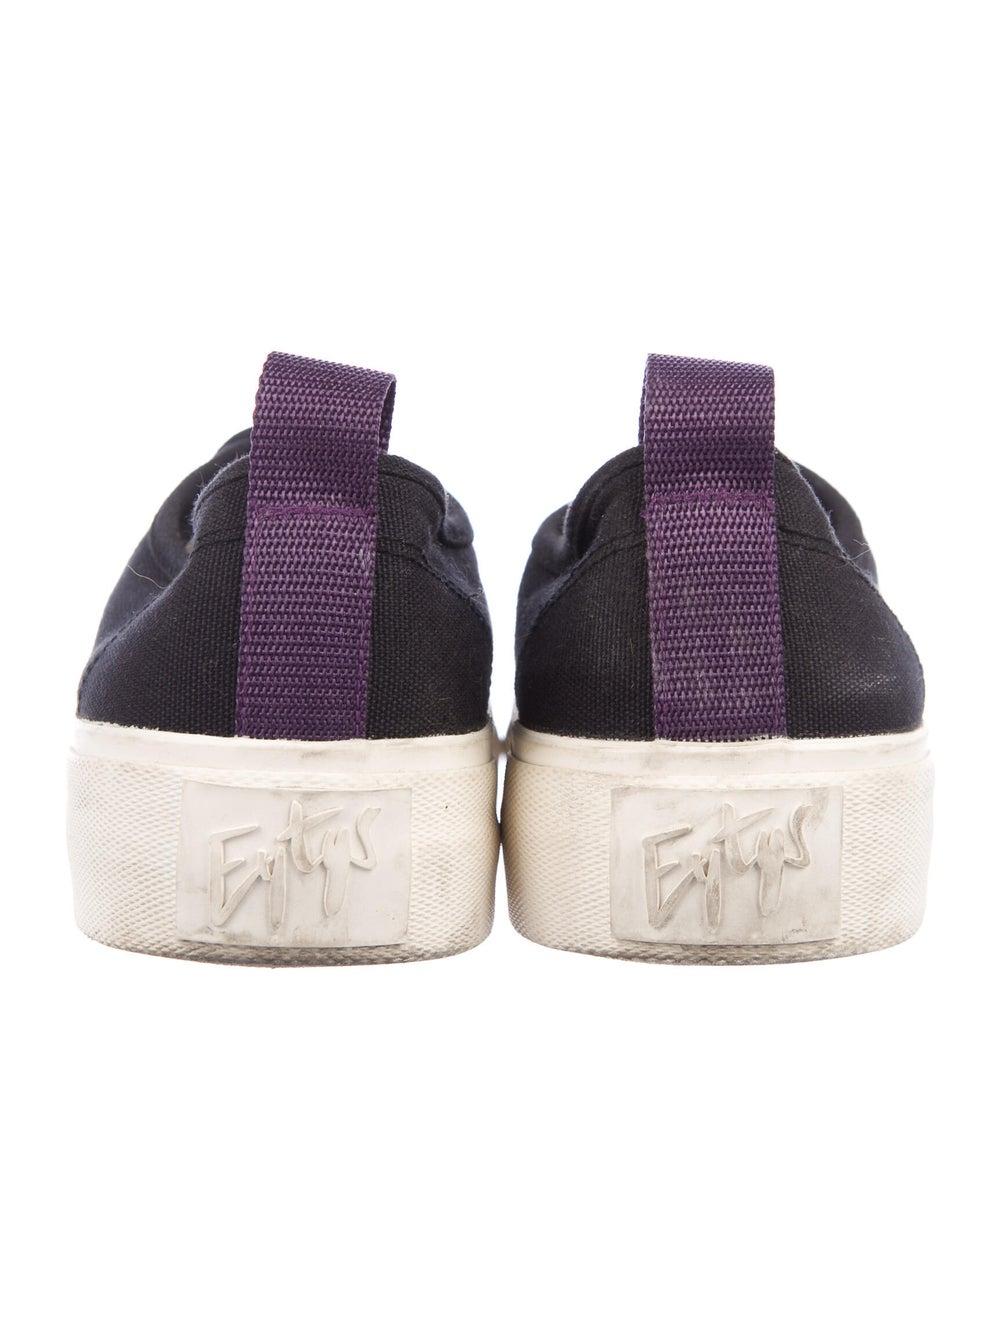 Eytys Sneakers Black - image 4